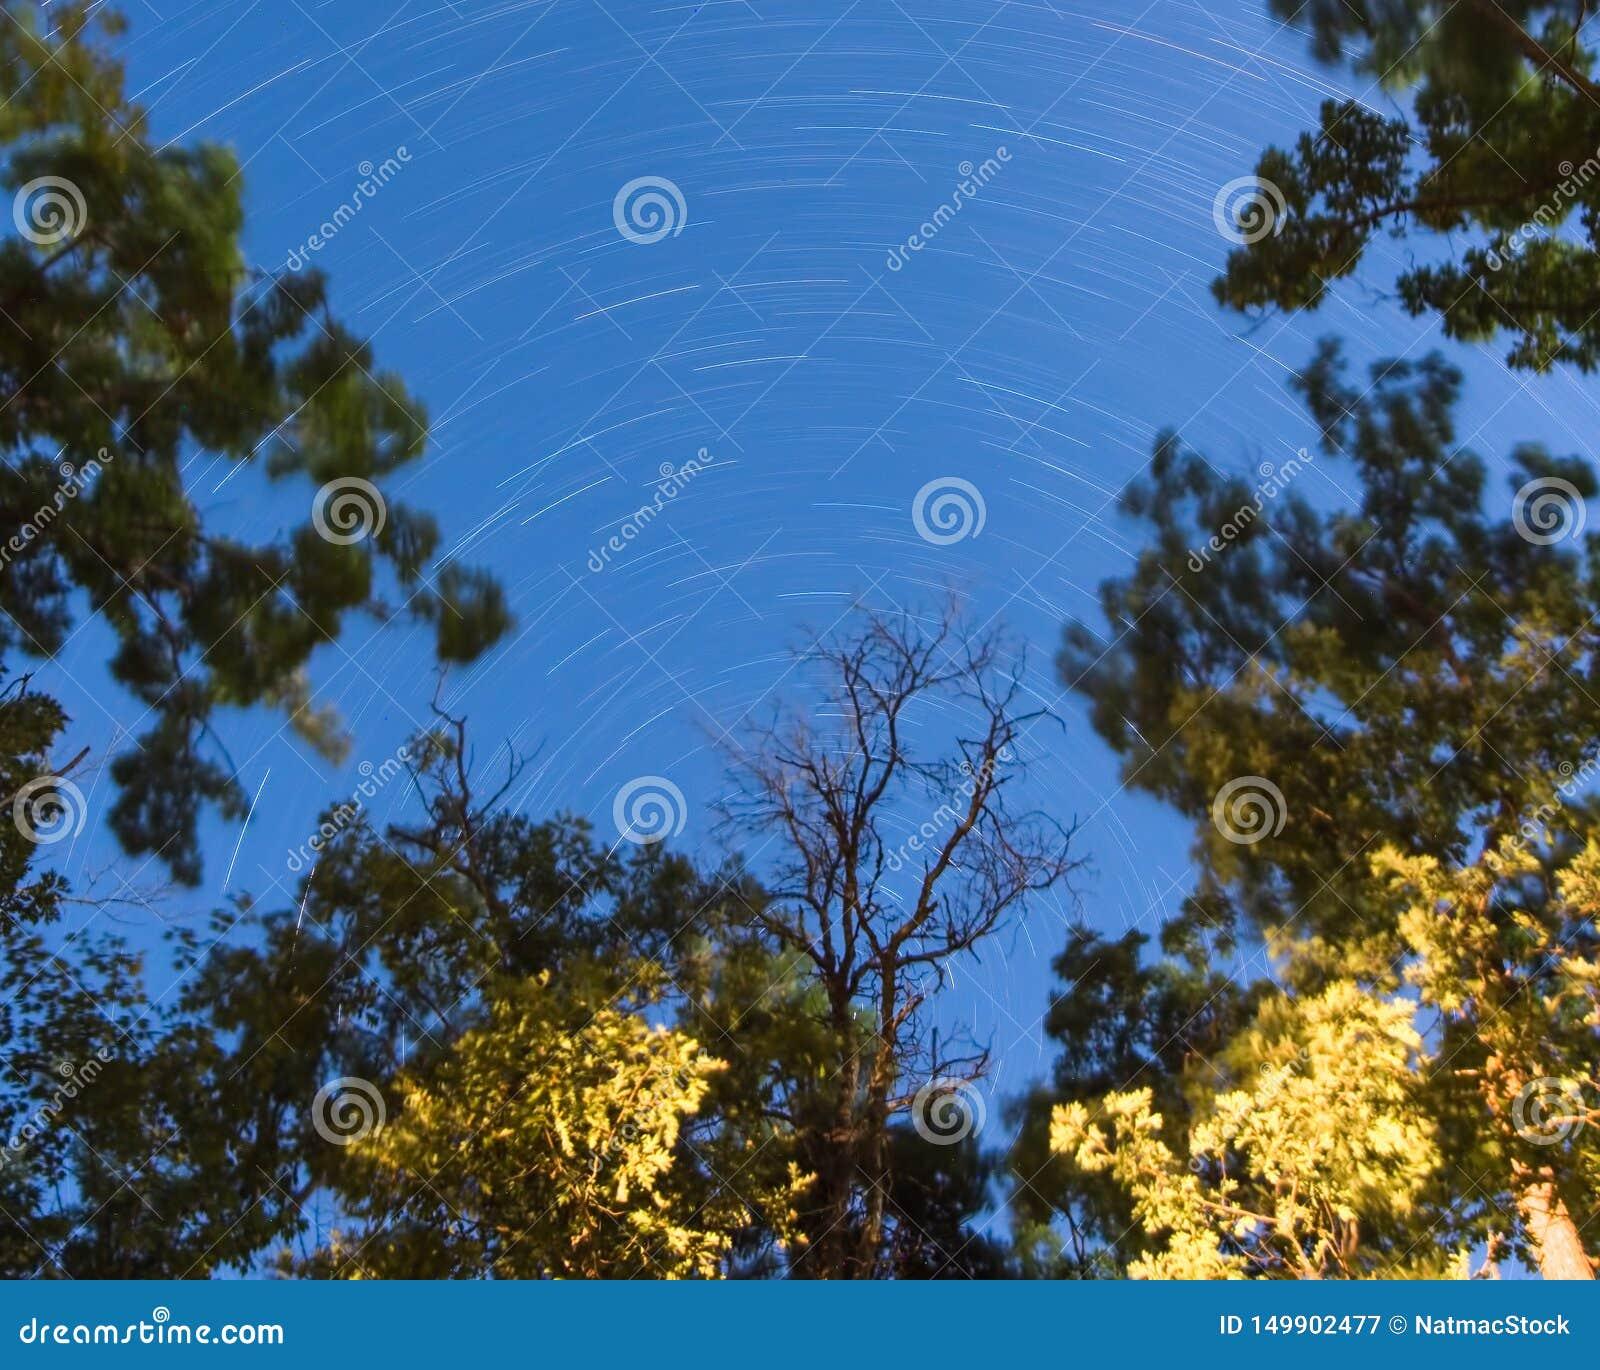 Exposição longa de fugas da estrela na noite em um esclarecimento na floresta no regulador Knowles State Forest em Wisconsin